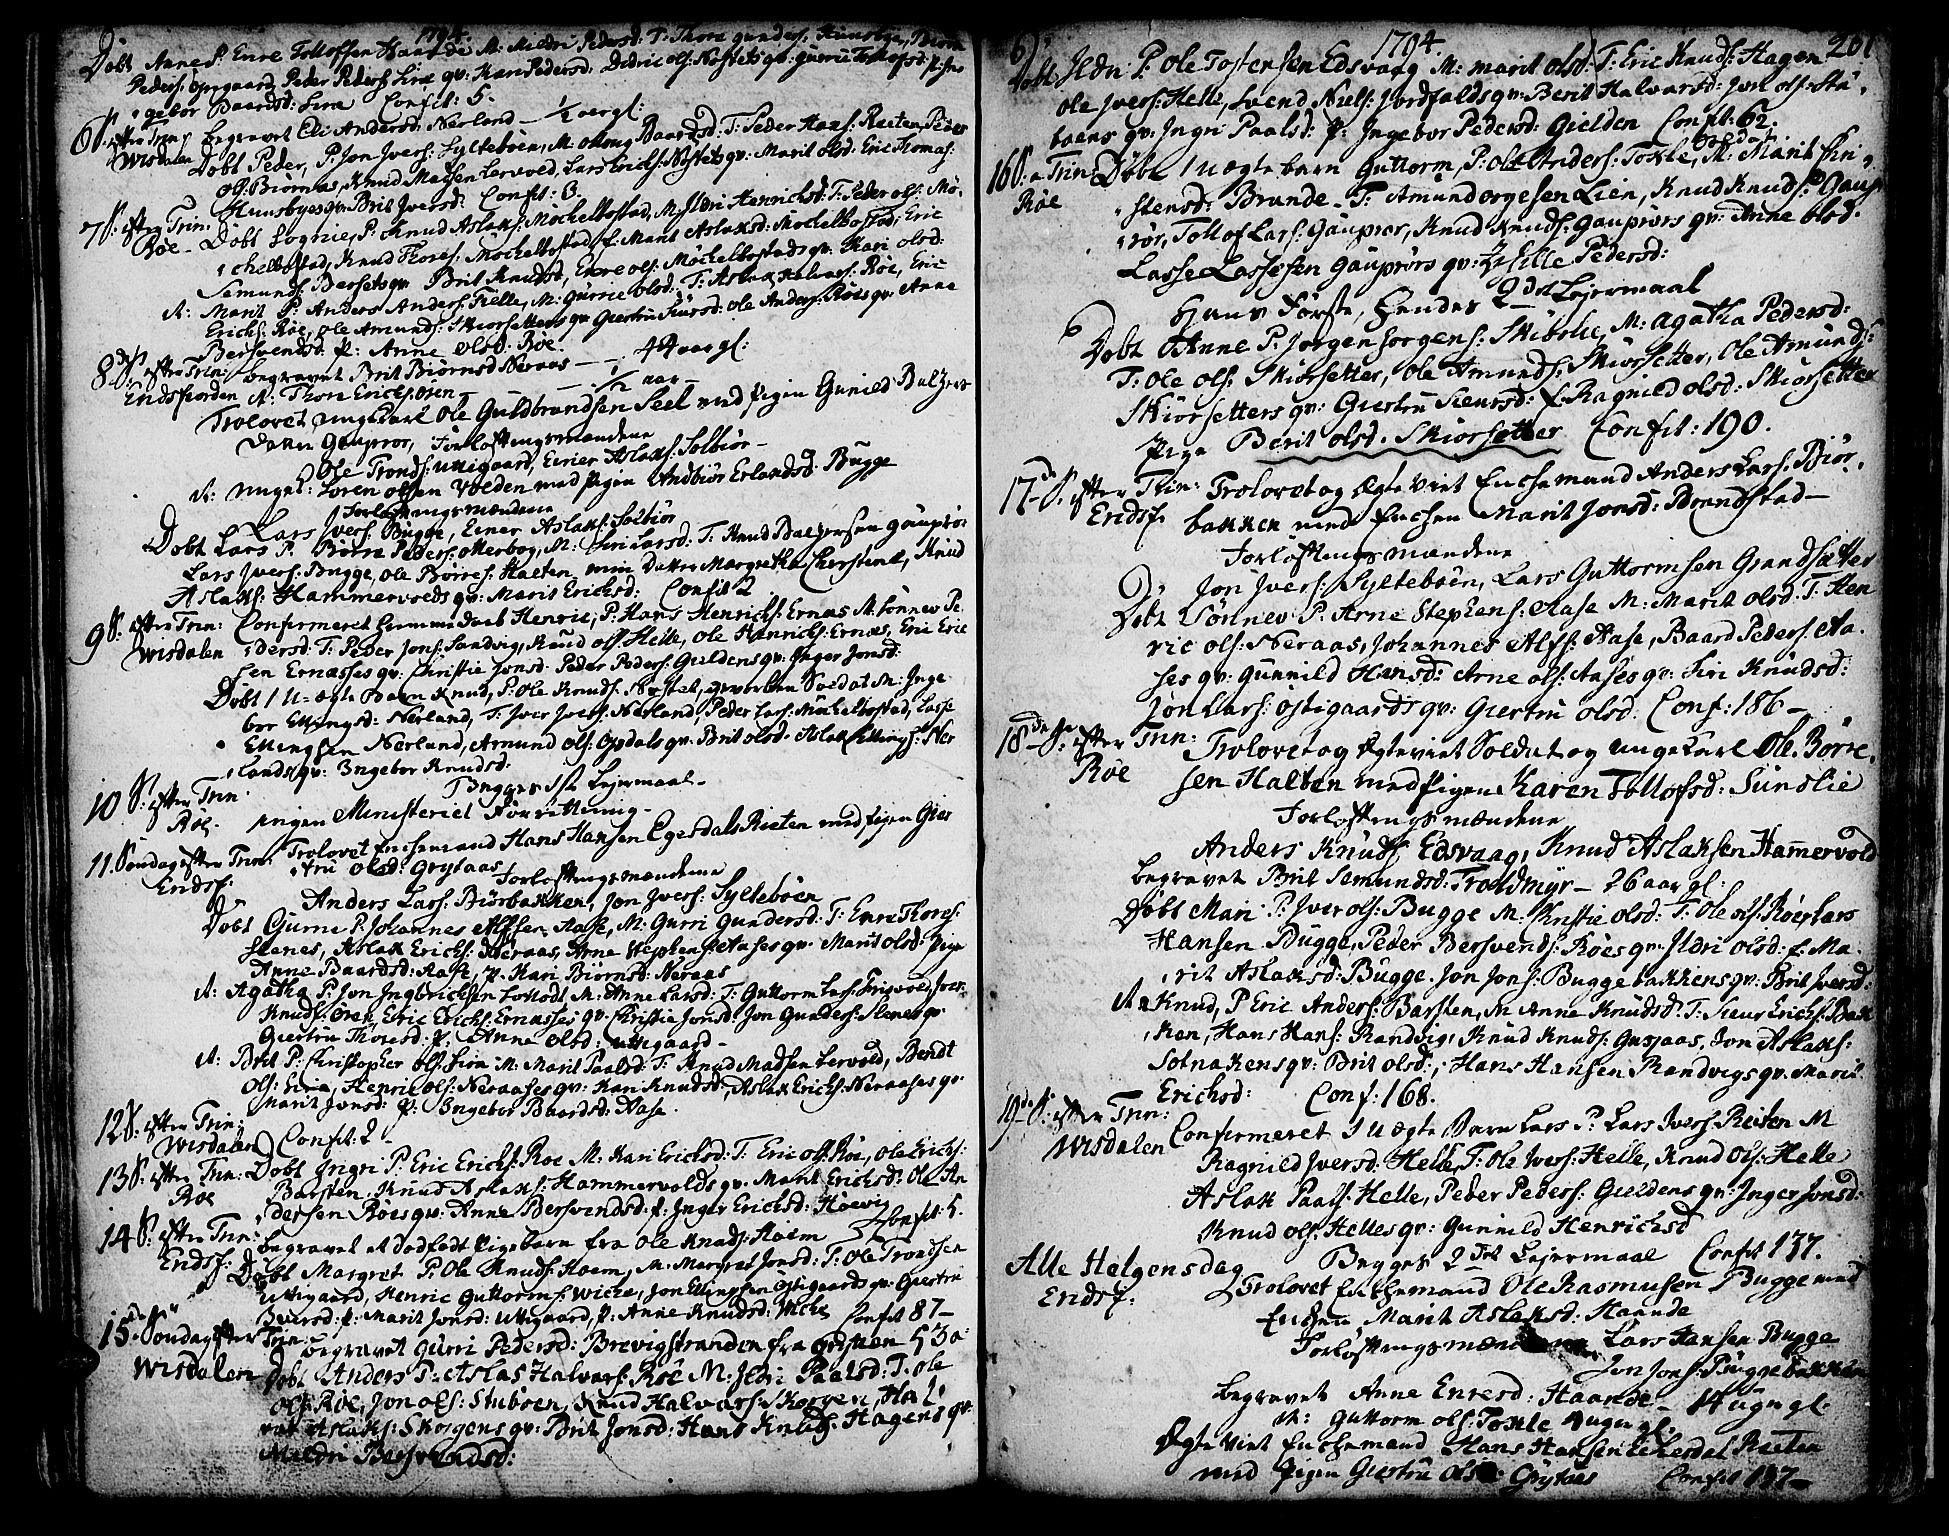 SAT, Ministerialprotokoller, klokkerbøker og fødselsregistre - Møre og Romsdal, 551/L0621: Ministerialbok nr. 551A01, 1757-1803, s. 201